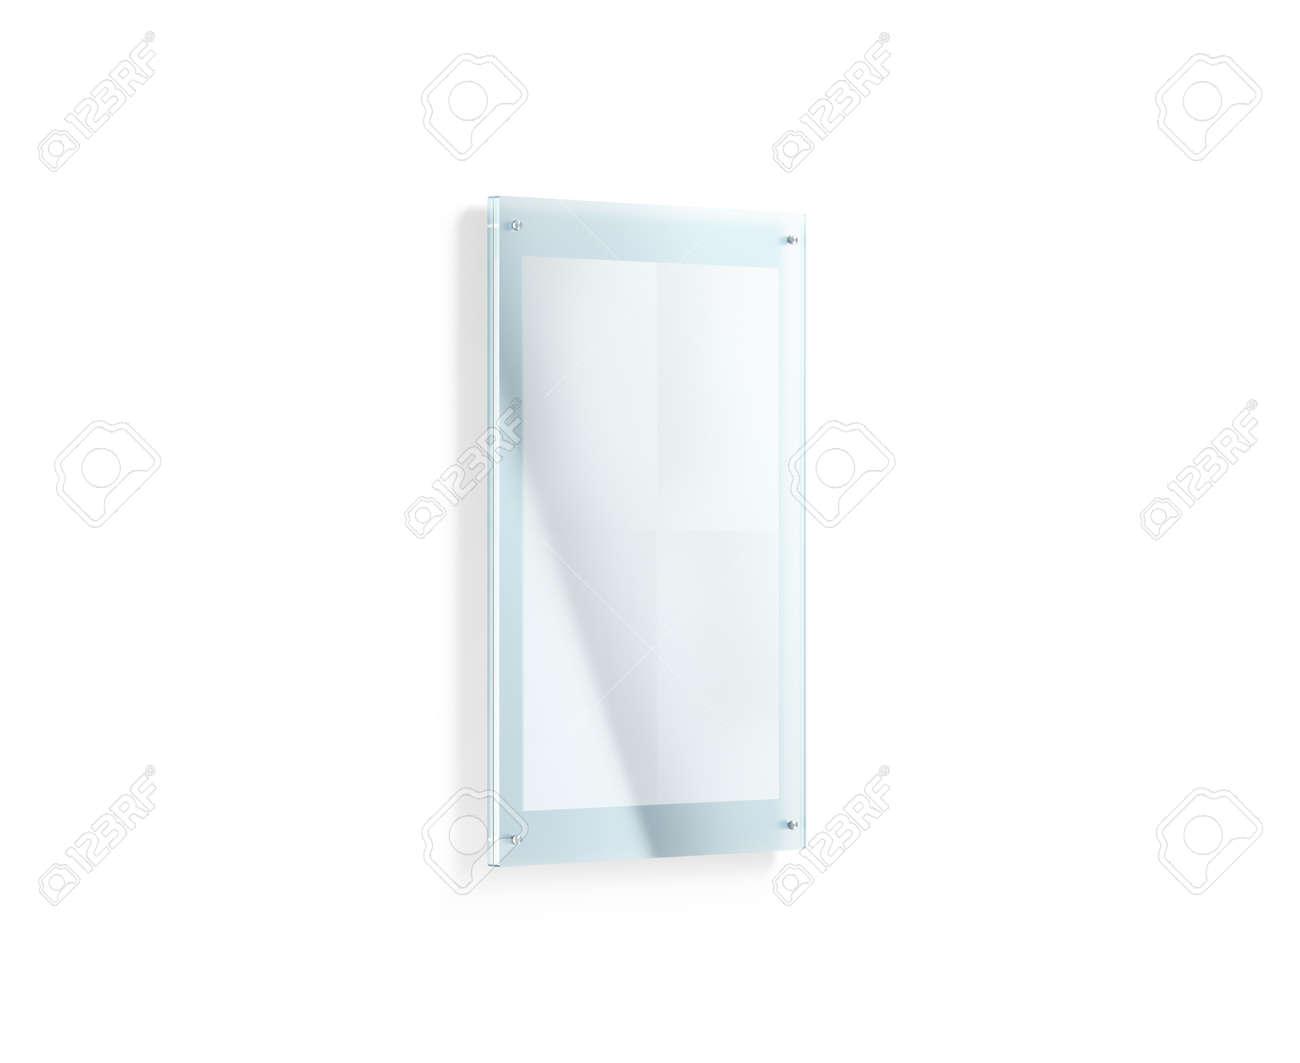 Blanca En Blanco Plegarse Maqueta Del Cartel Debajo Del Soporte De ...